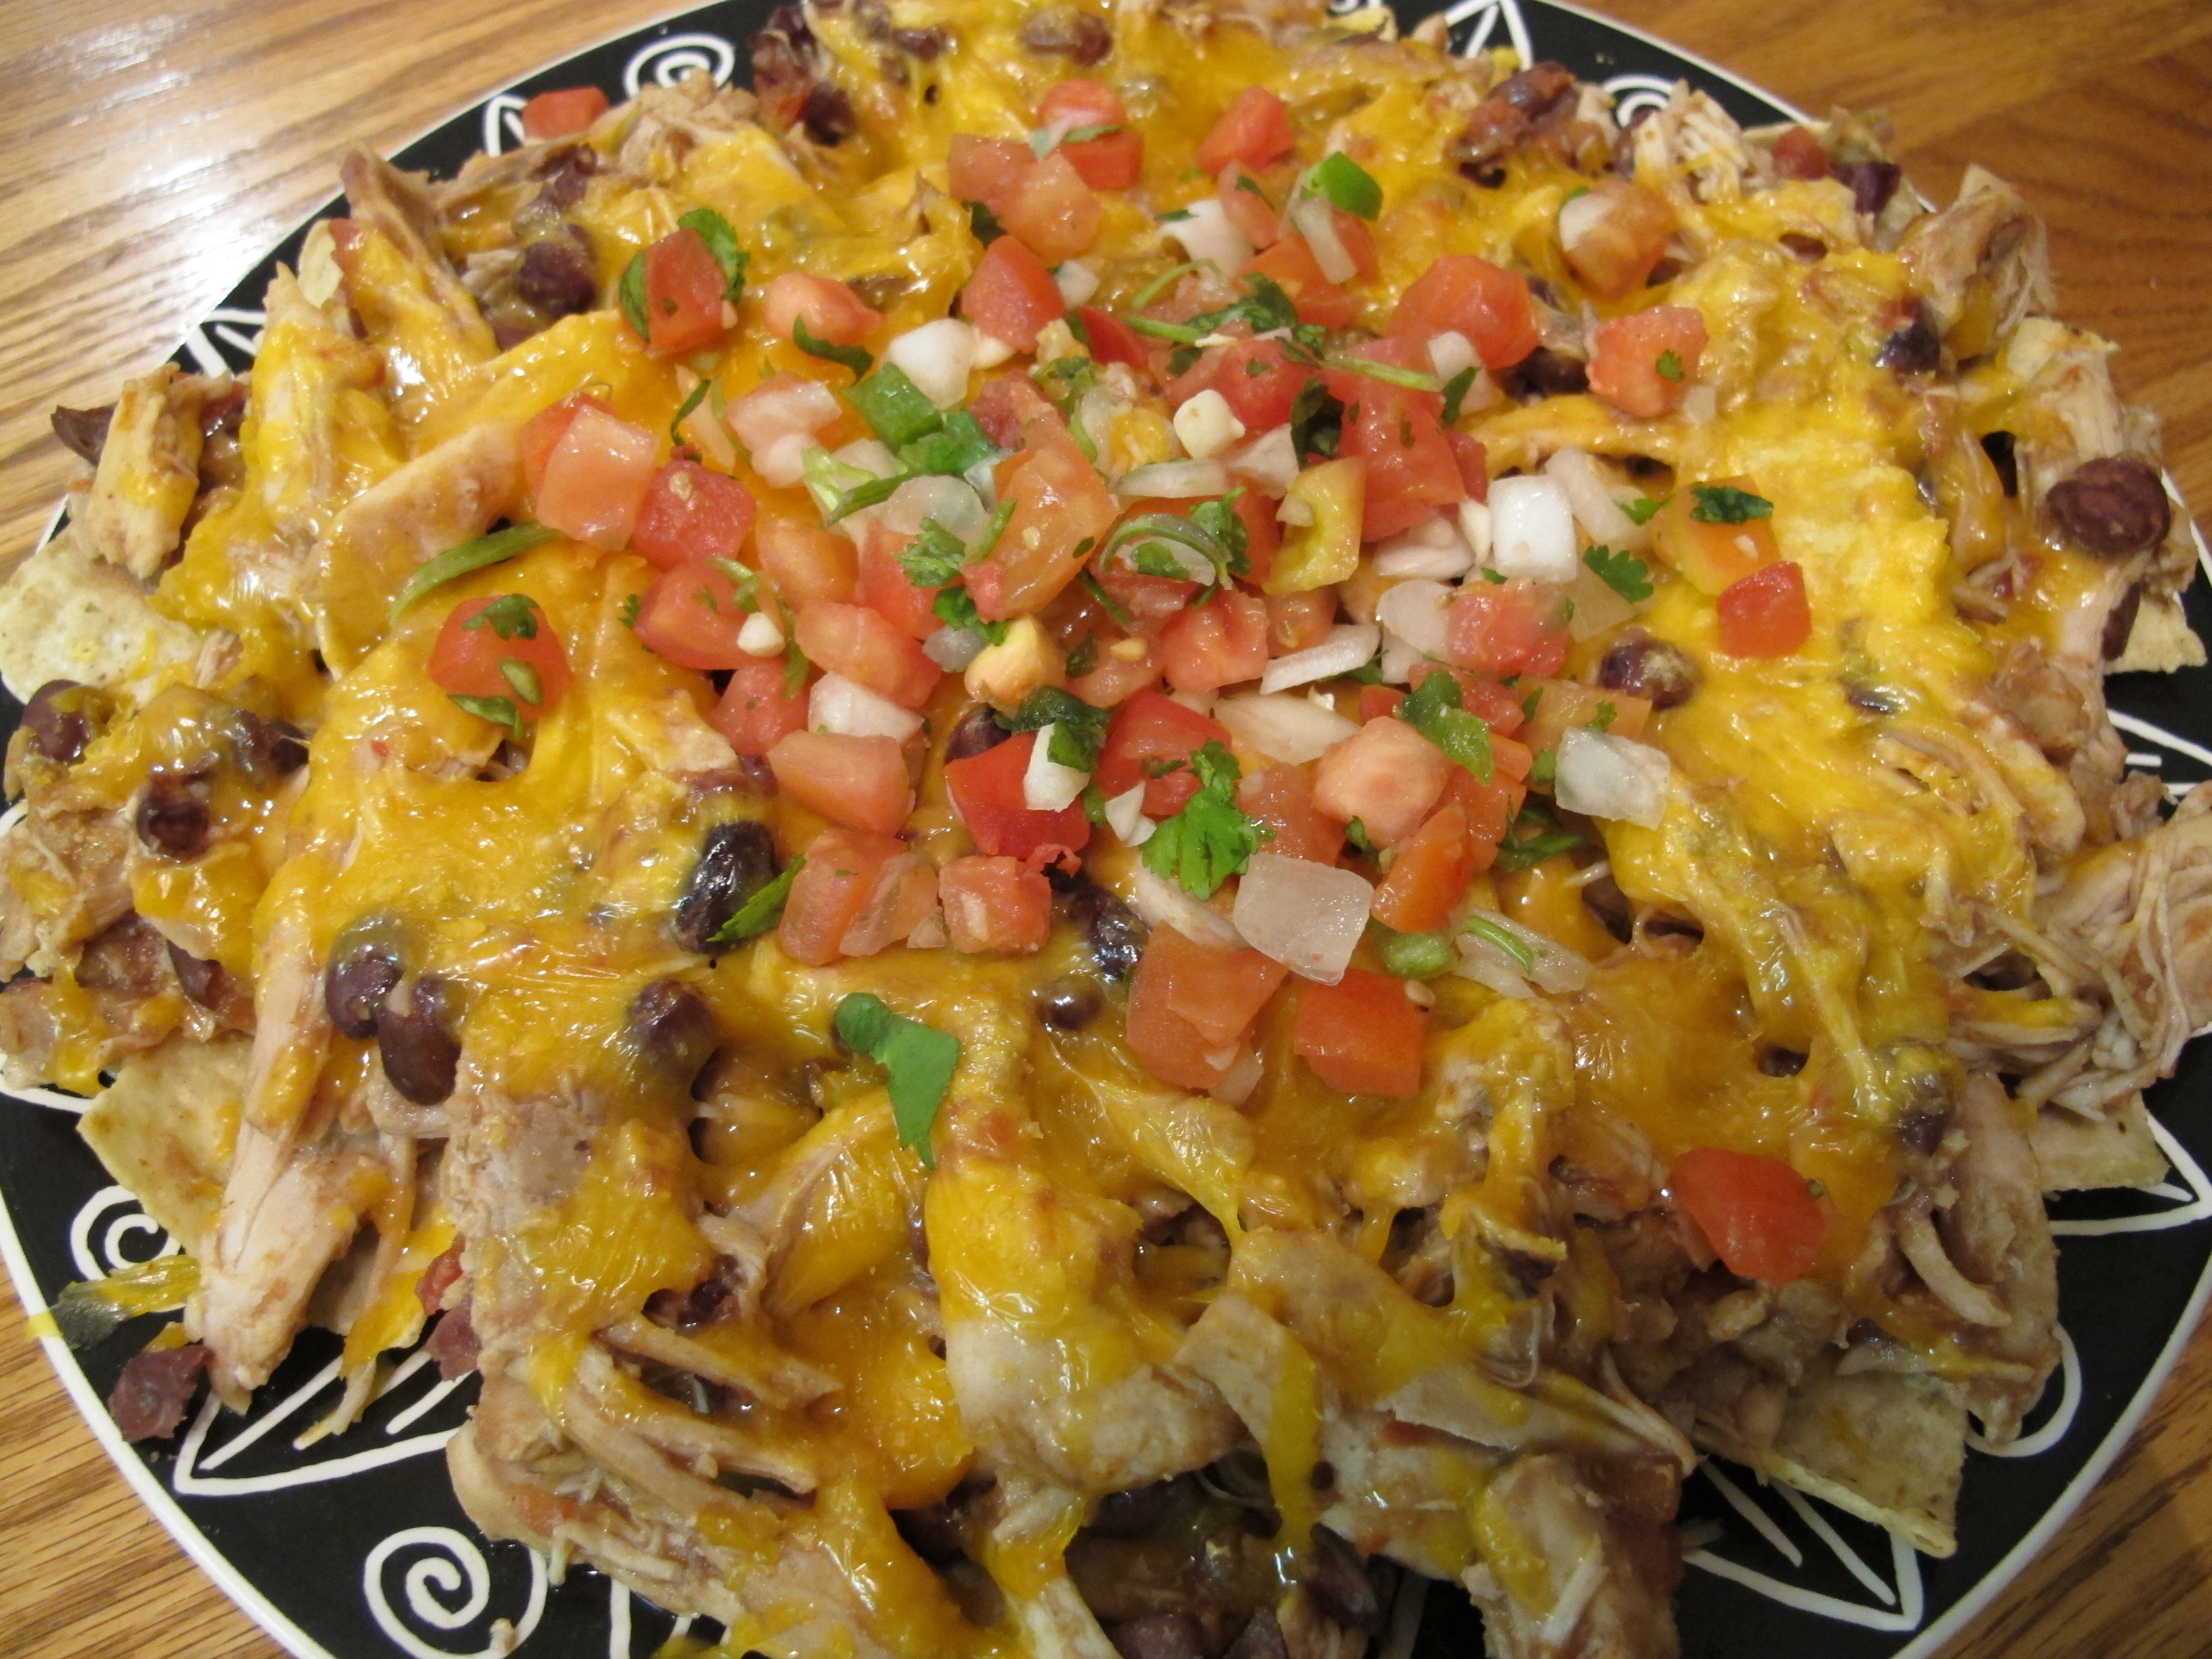 Chicken Nachos | No Meals on Wheels